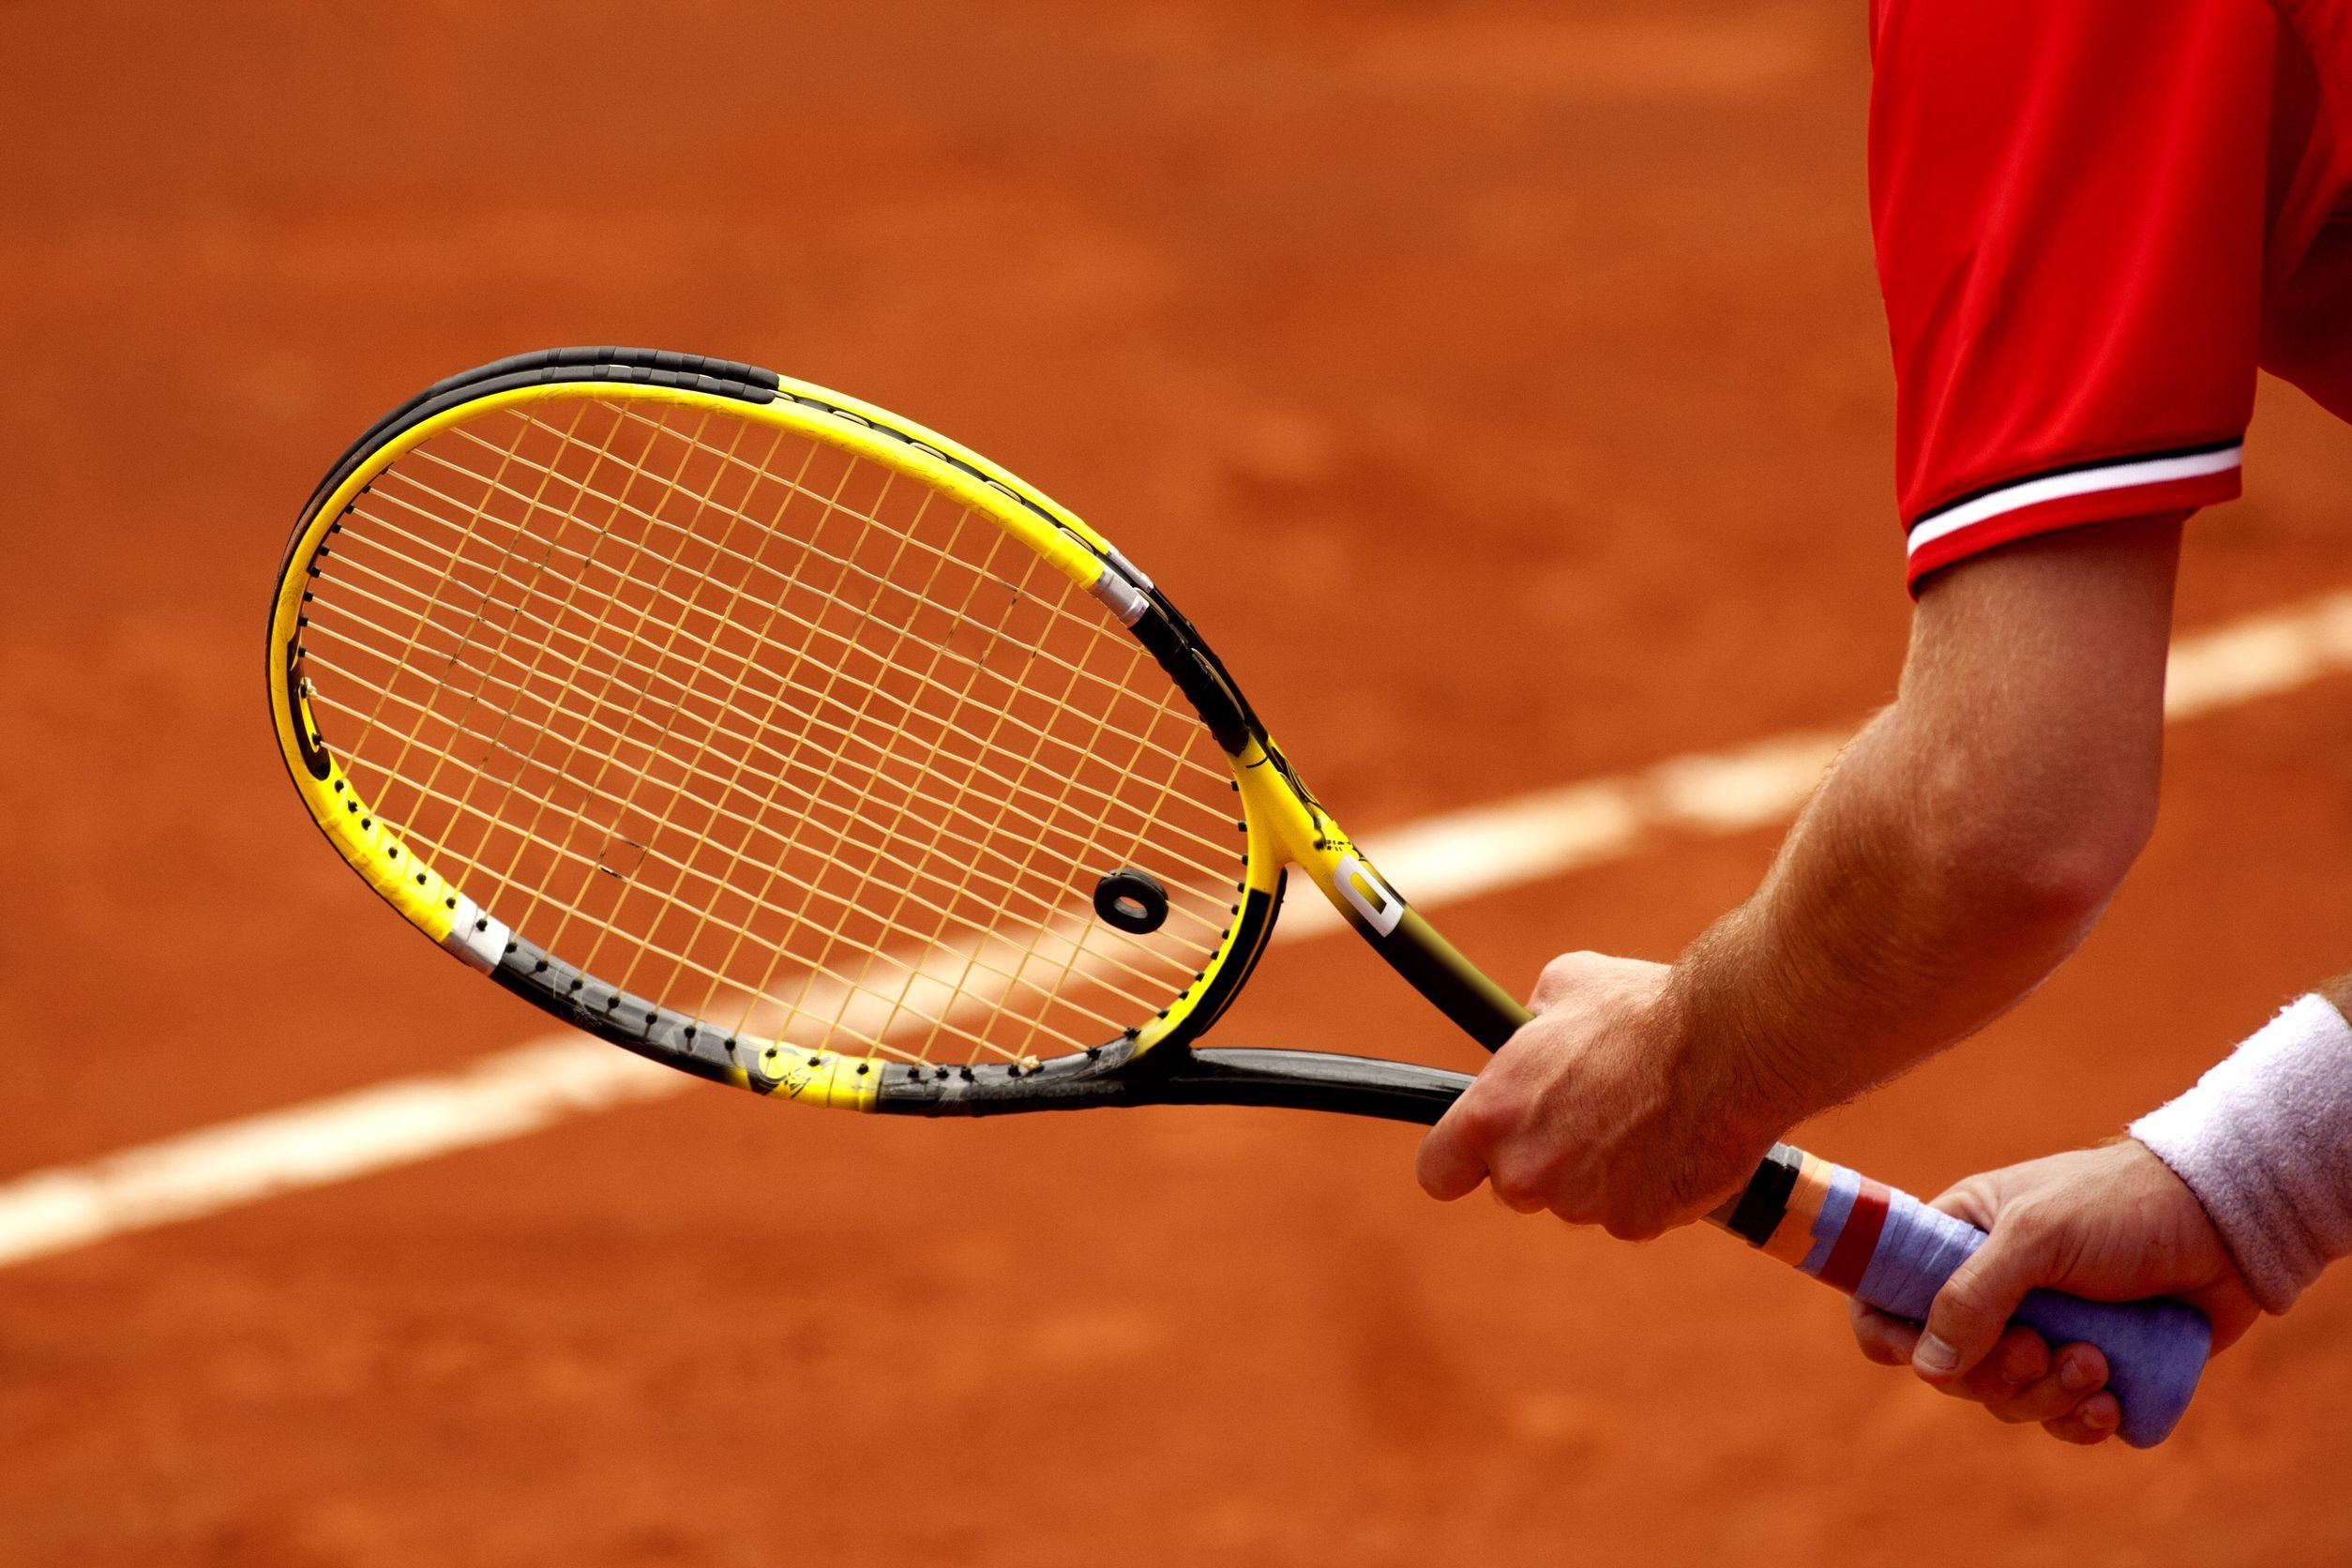 new zealand tennis player 123rf